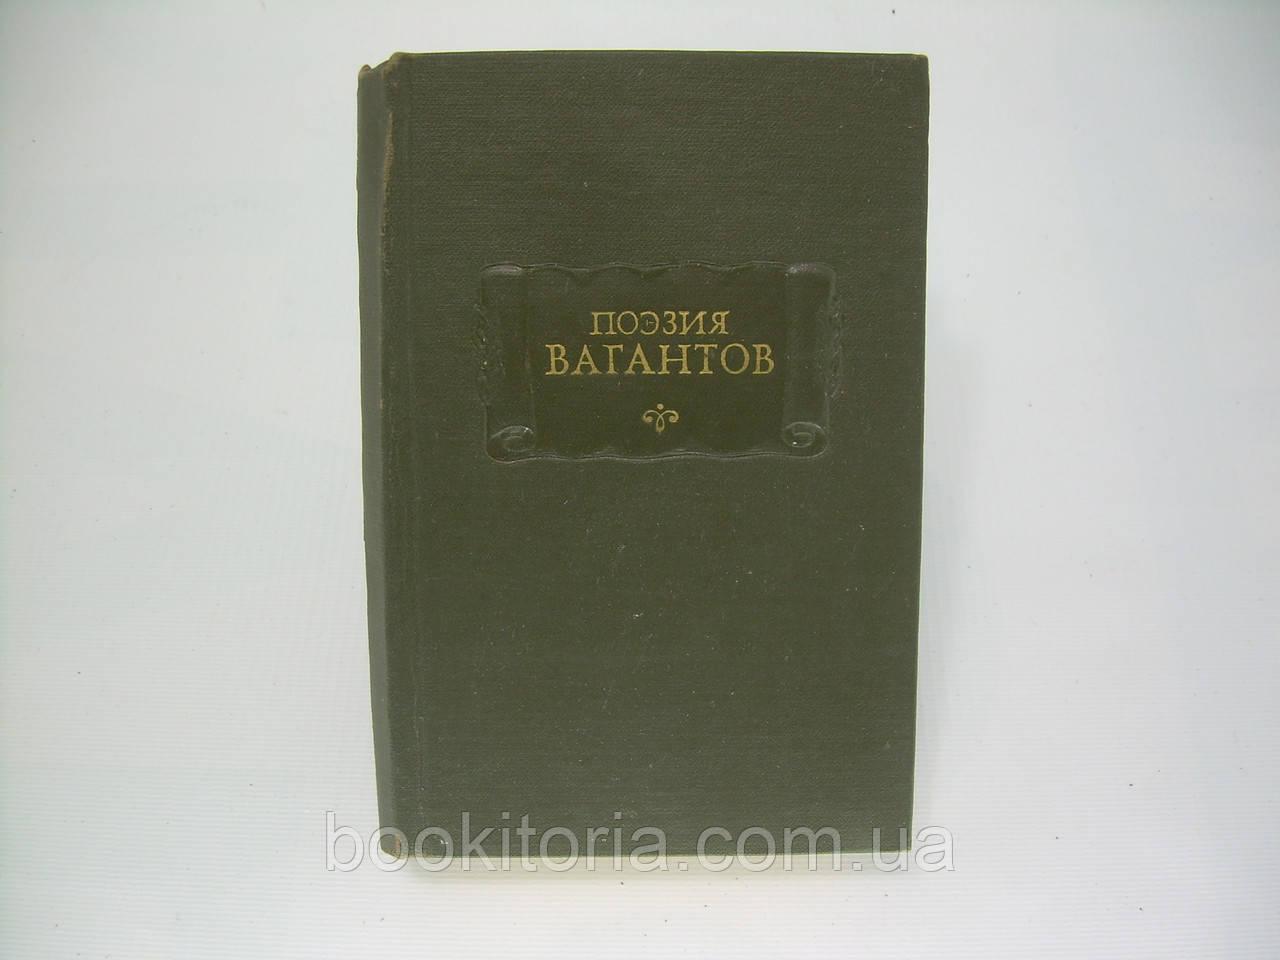 Поэзия вагантов (б/у).